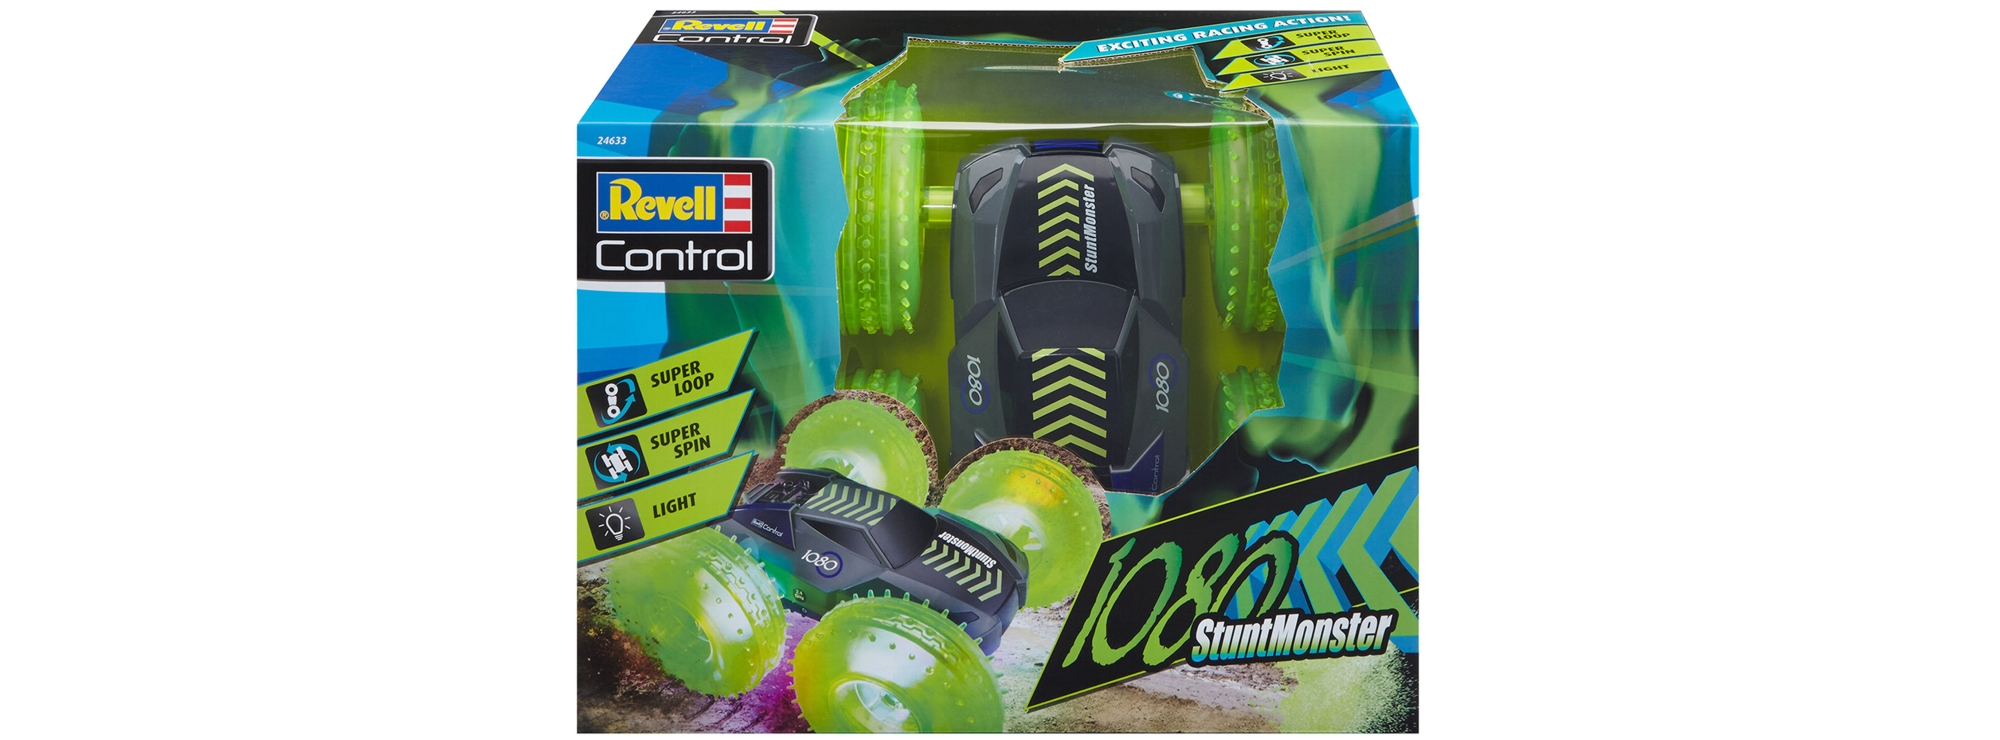 Elektrisches Spielzeug ab 8 Jahre REVELL 24633 RC Car StuntMonster 1080